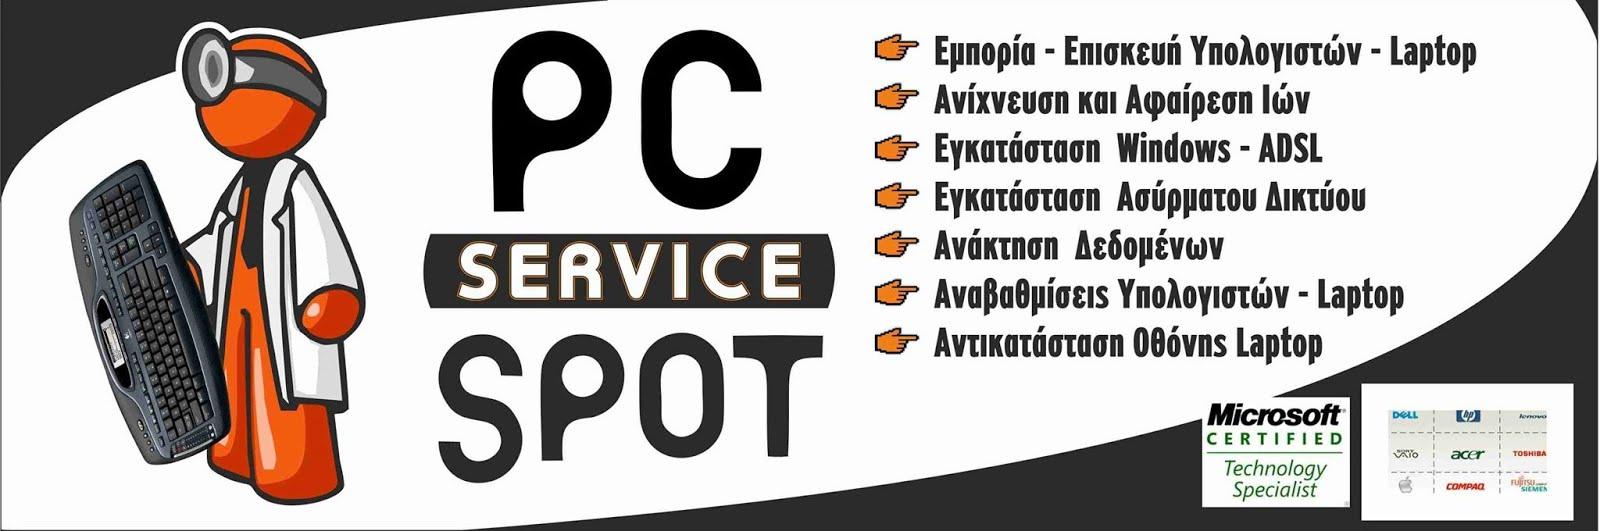 PC SERVICE SPOT (ΝΑΟΥΣΑ)